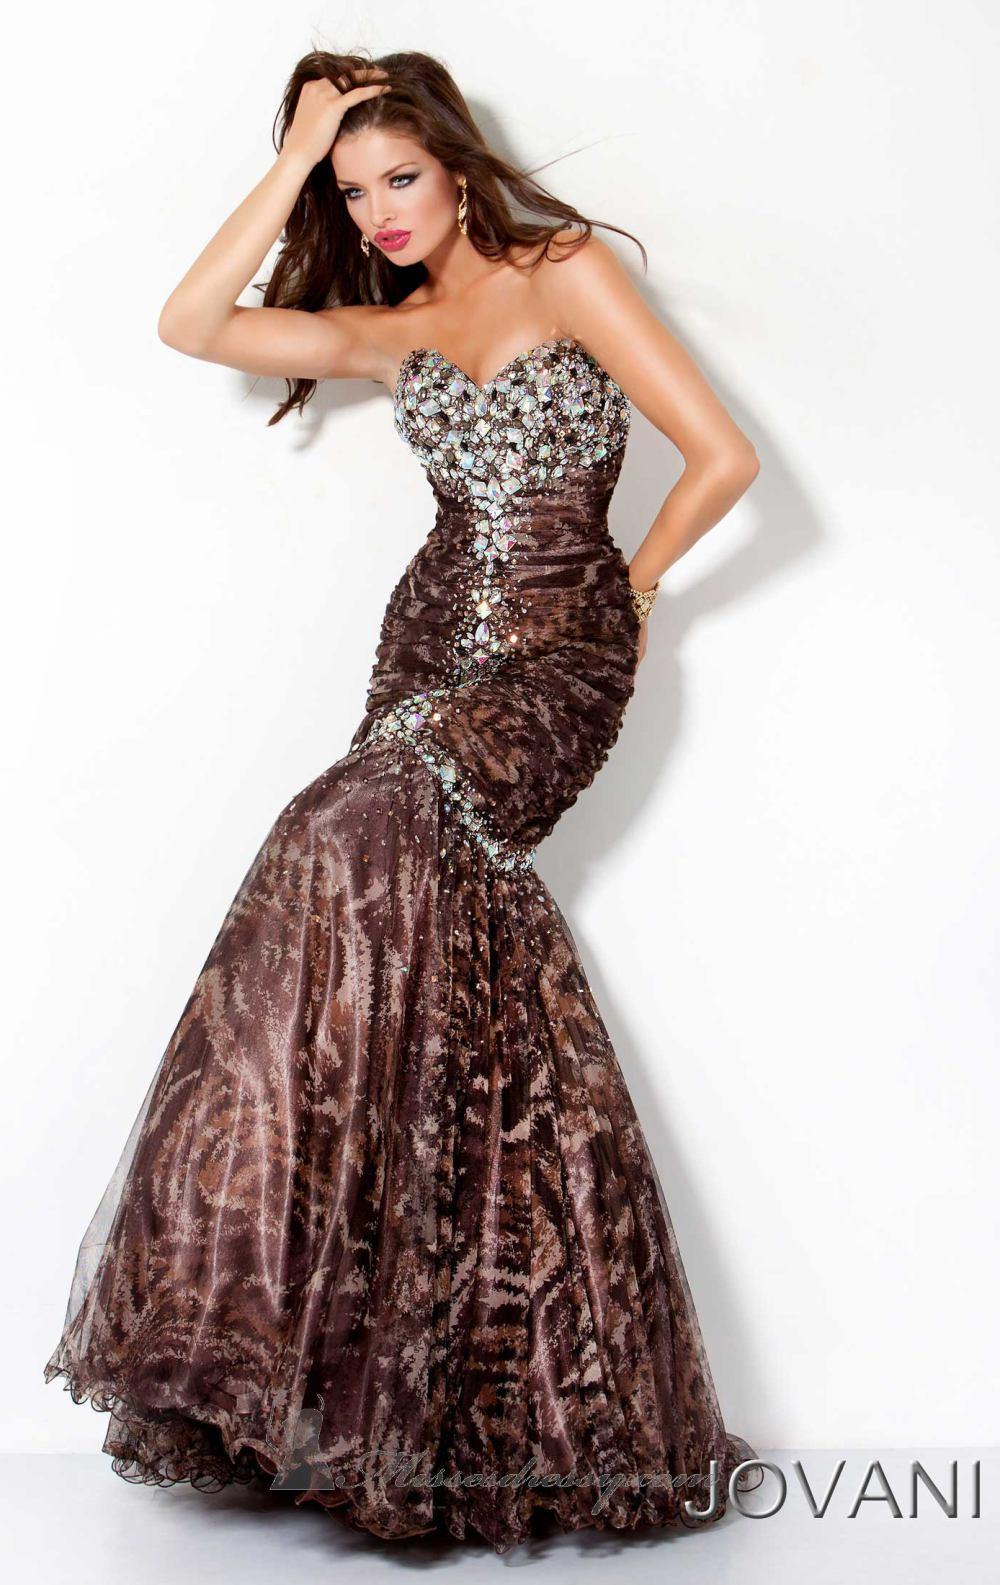 فساتين سهره جذابه , فساتين سهره طويله ,Evening Dresses new_1451934293_174.j